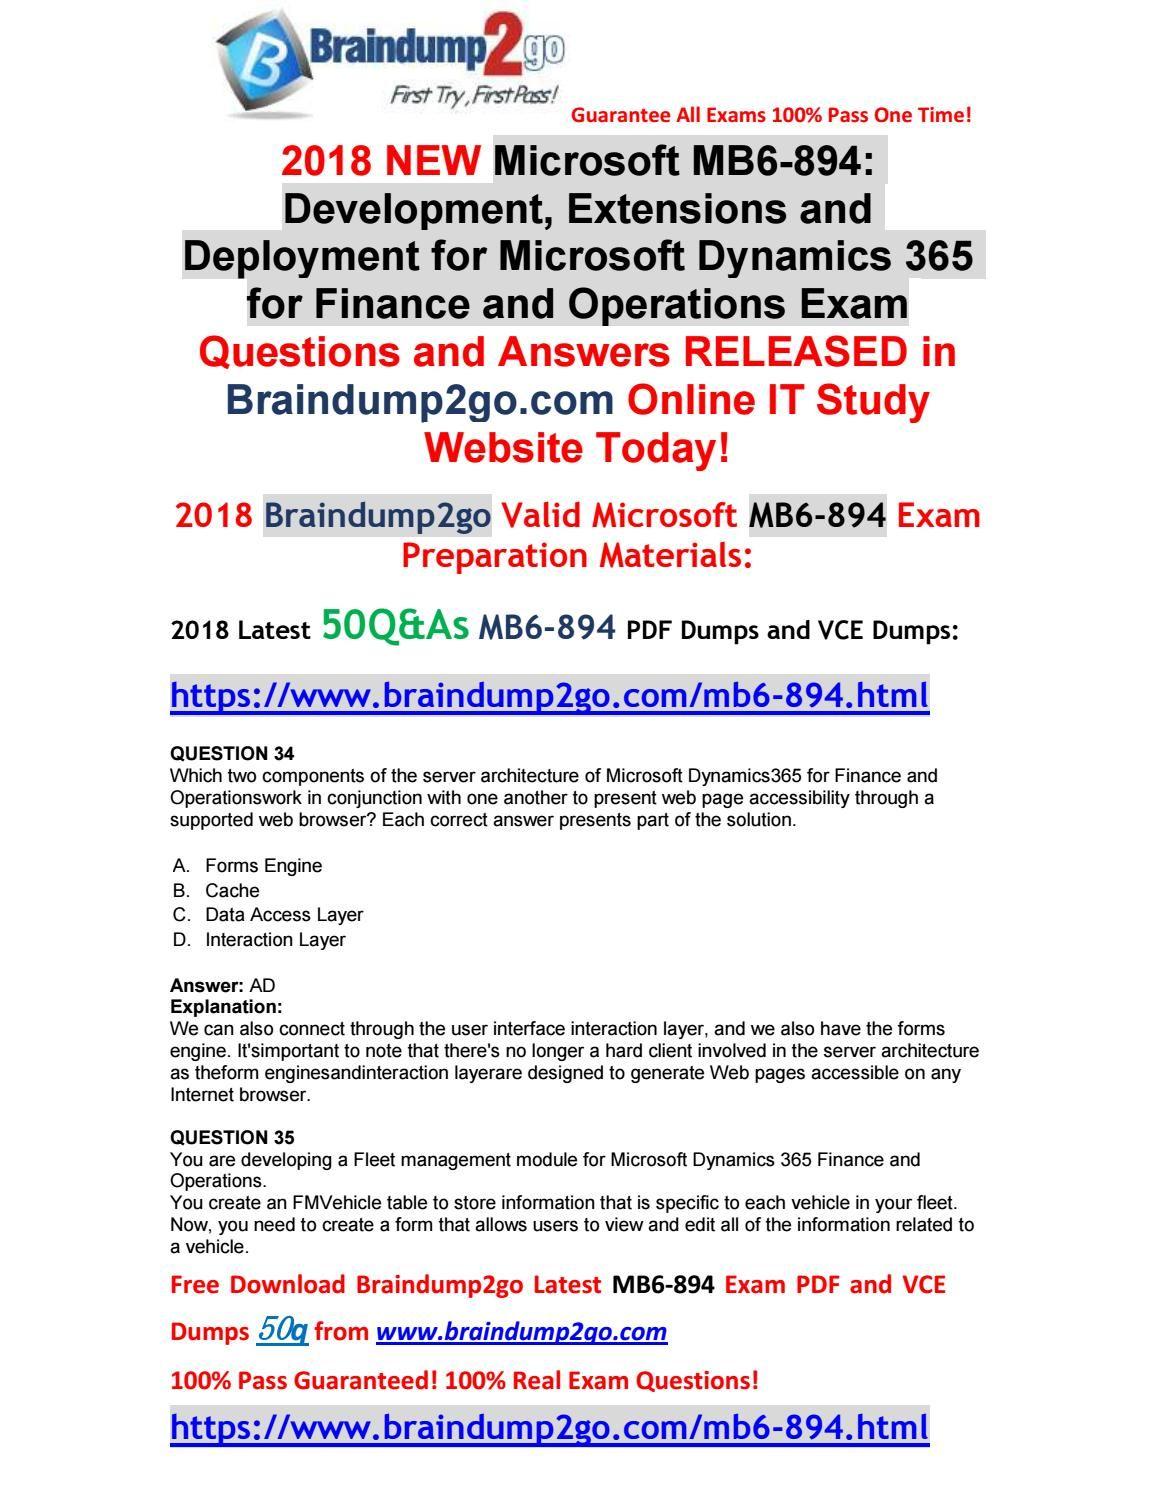 2018 New Microsoft Exam Mb6 894 Pdf Dumps 50qas Free Share 34 42